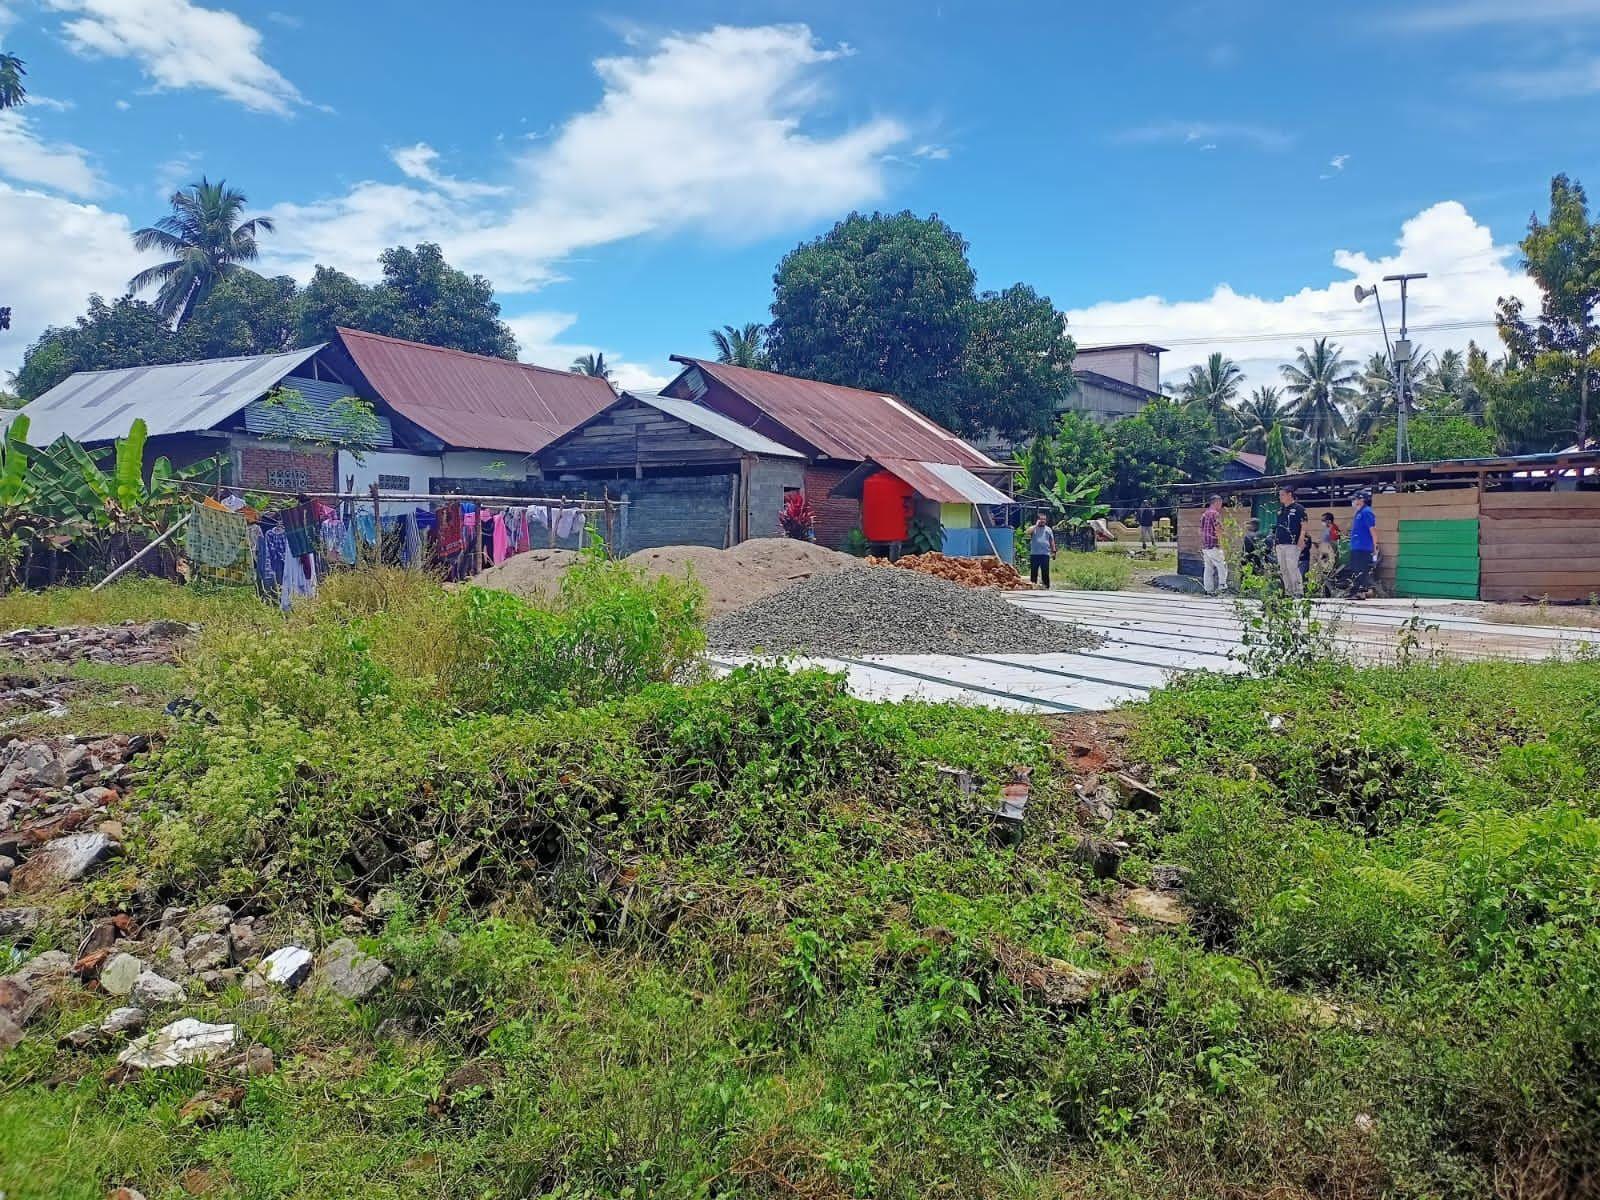 Donasi Aceh untuk Korban Gempa Sulbar Diarahkan Bangun Masjid